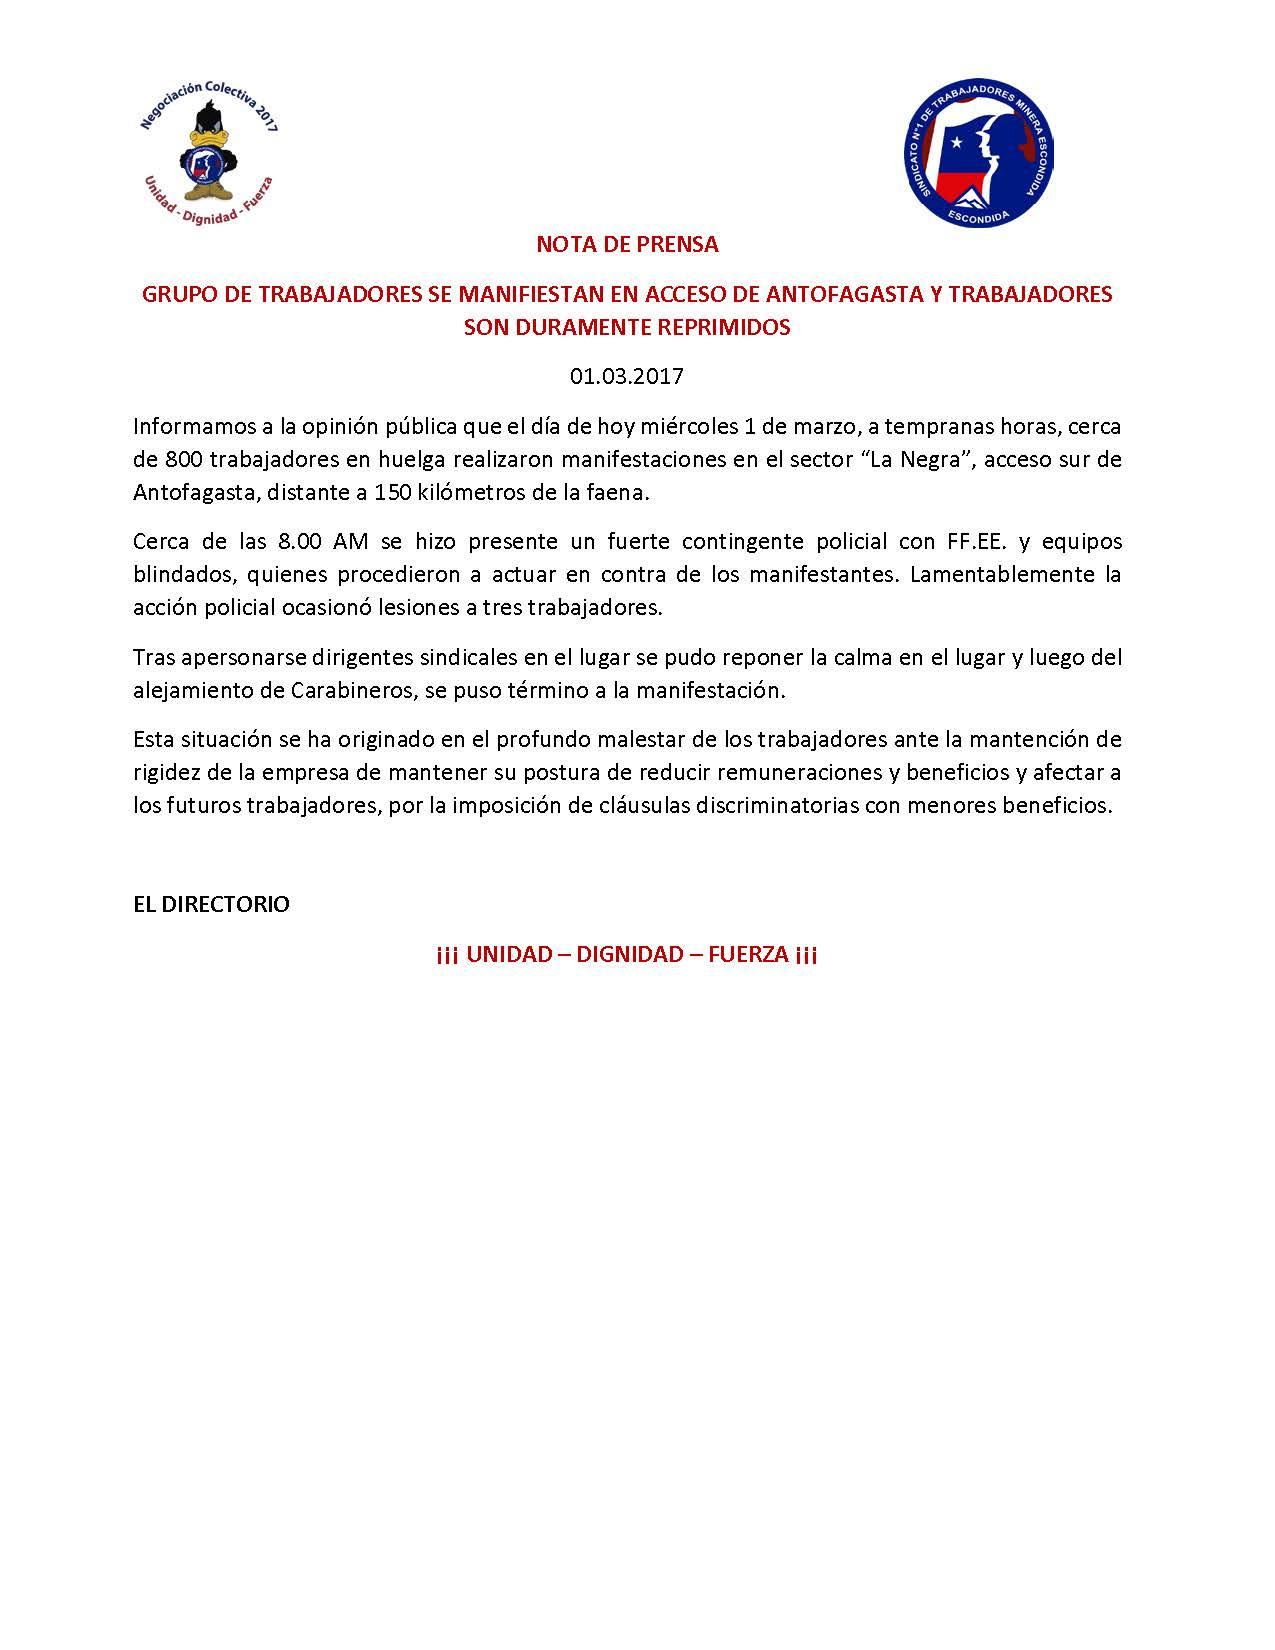 Nota-prensa--manifestacion-la-negra-01.03.017.jpg